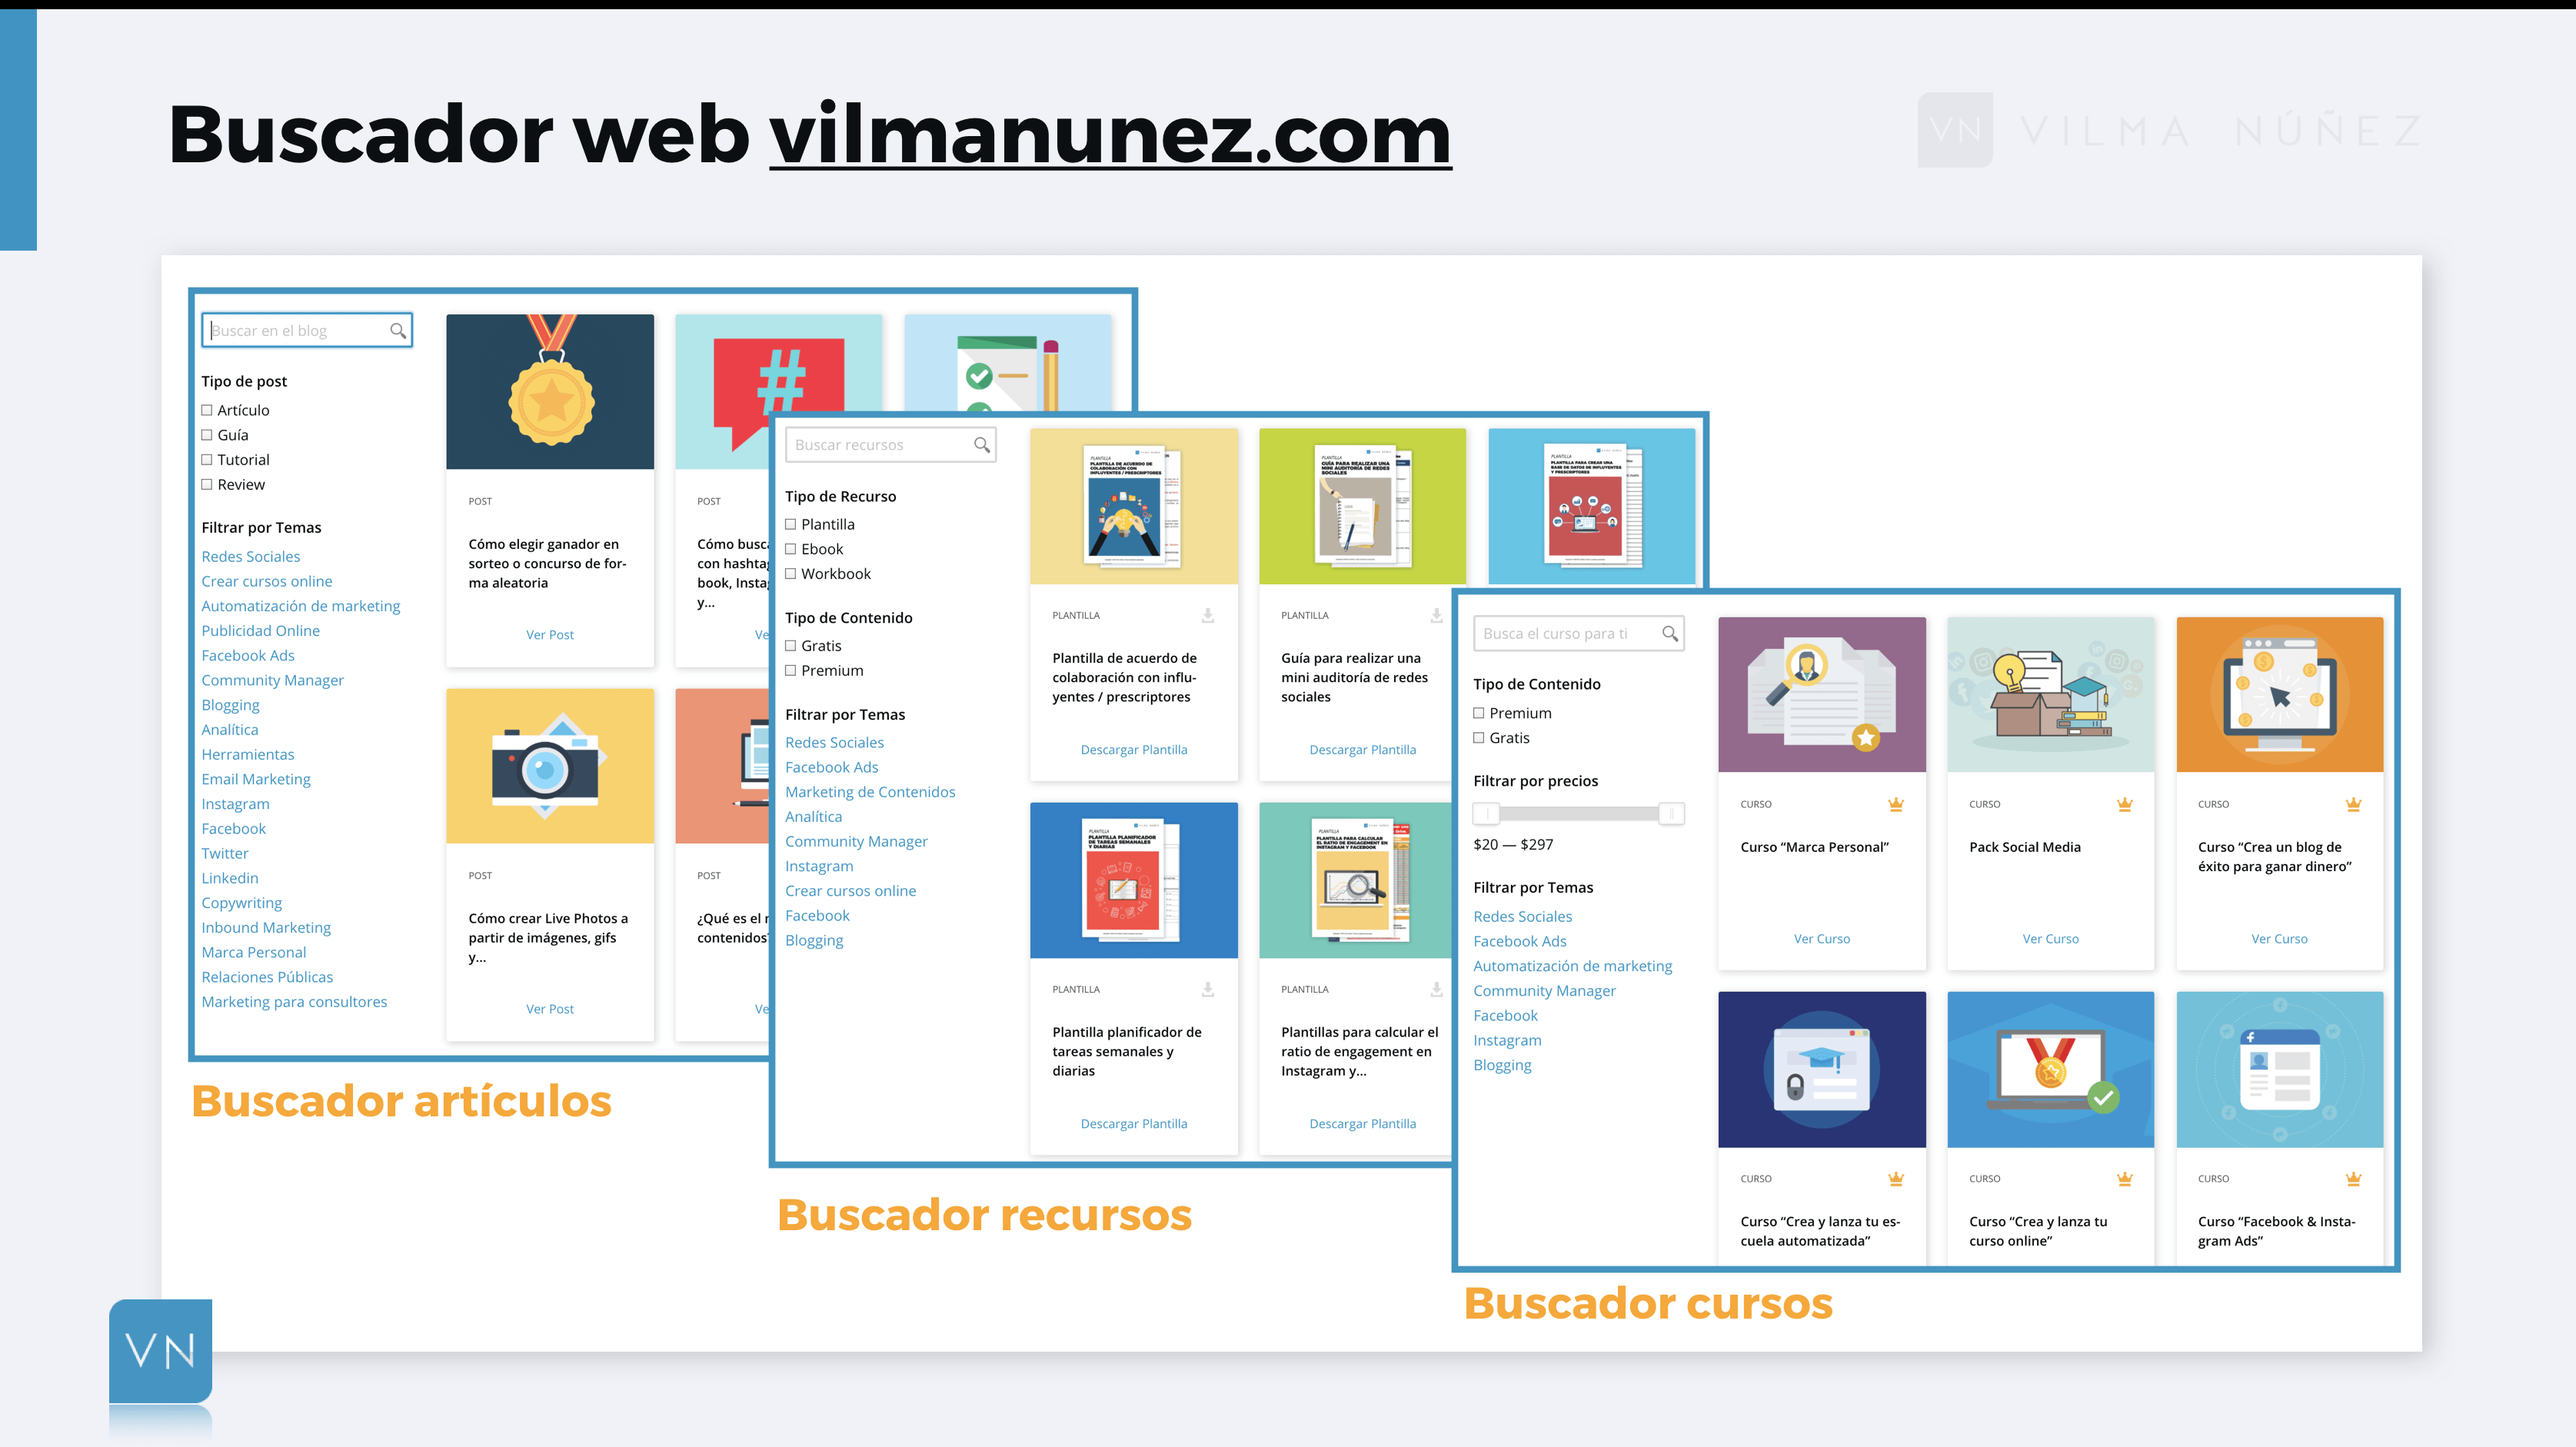 Te muestro cómo es mi nueva página web hecha a medida